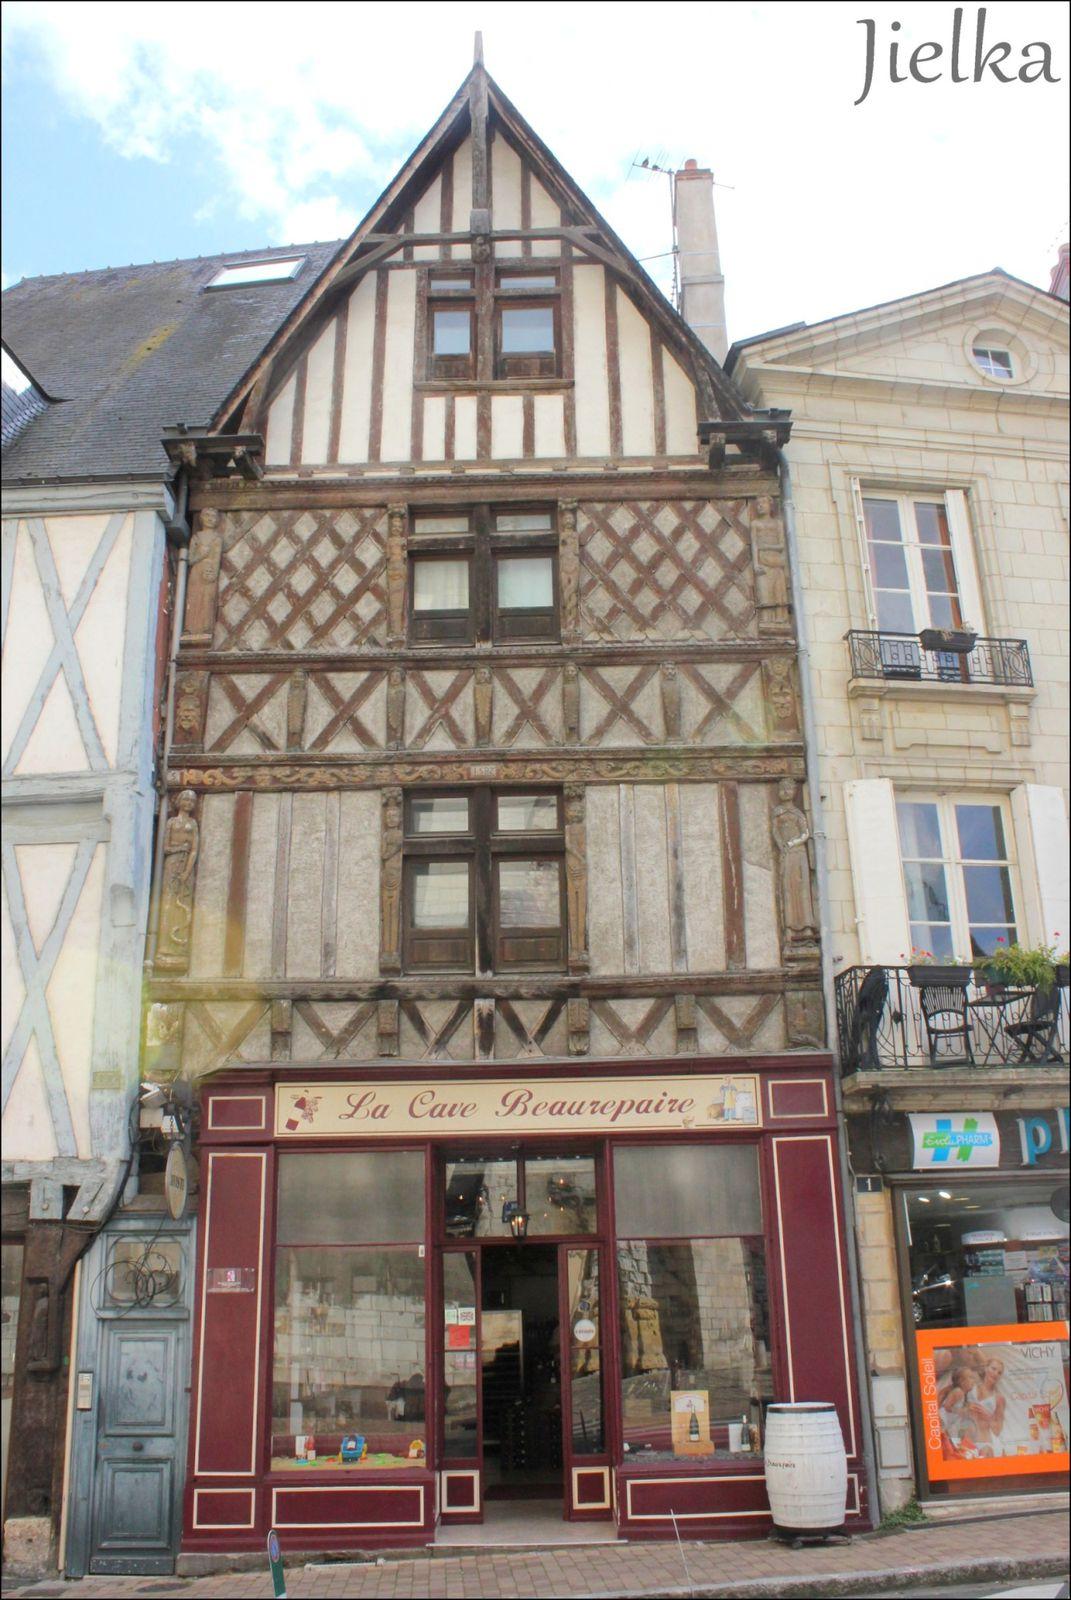 Cette maison à pans de bois, rue beaurepaire à Angers, ornée de jolies sculptures en bois, fut construite en 1582.